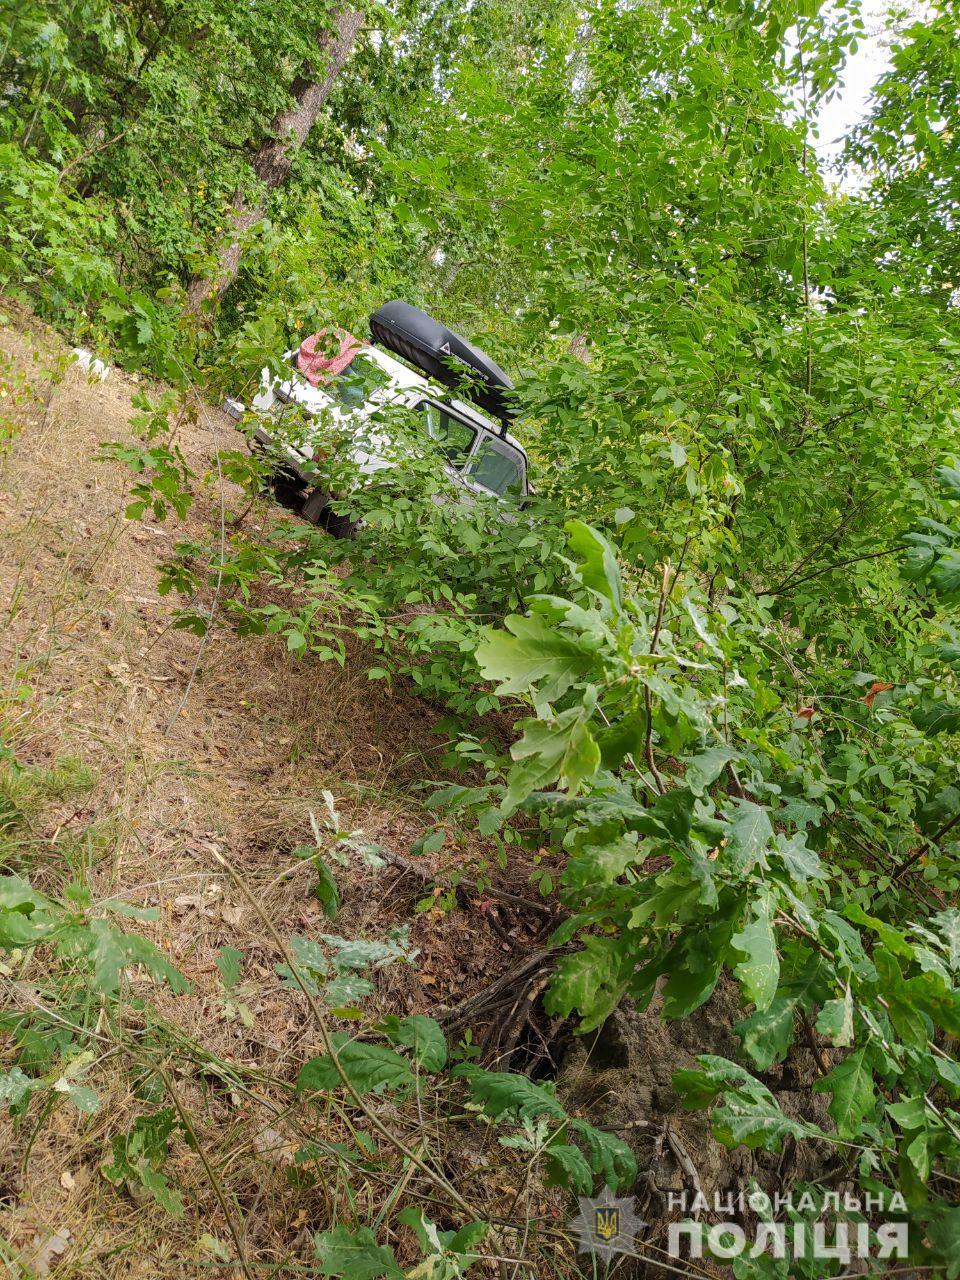 Харьковчанина, который пропал около двух недель назад, нашли мертвым в собственном авто